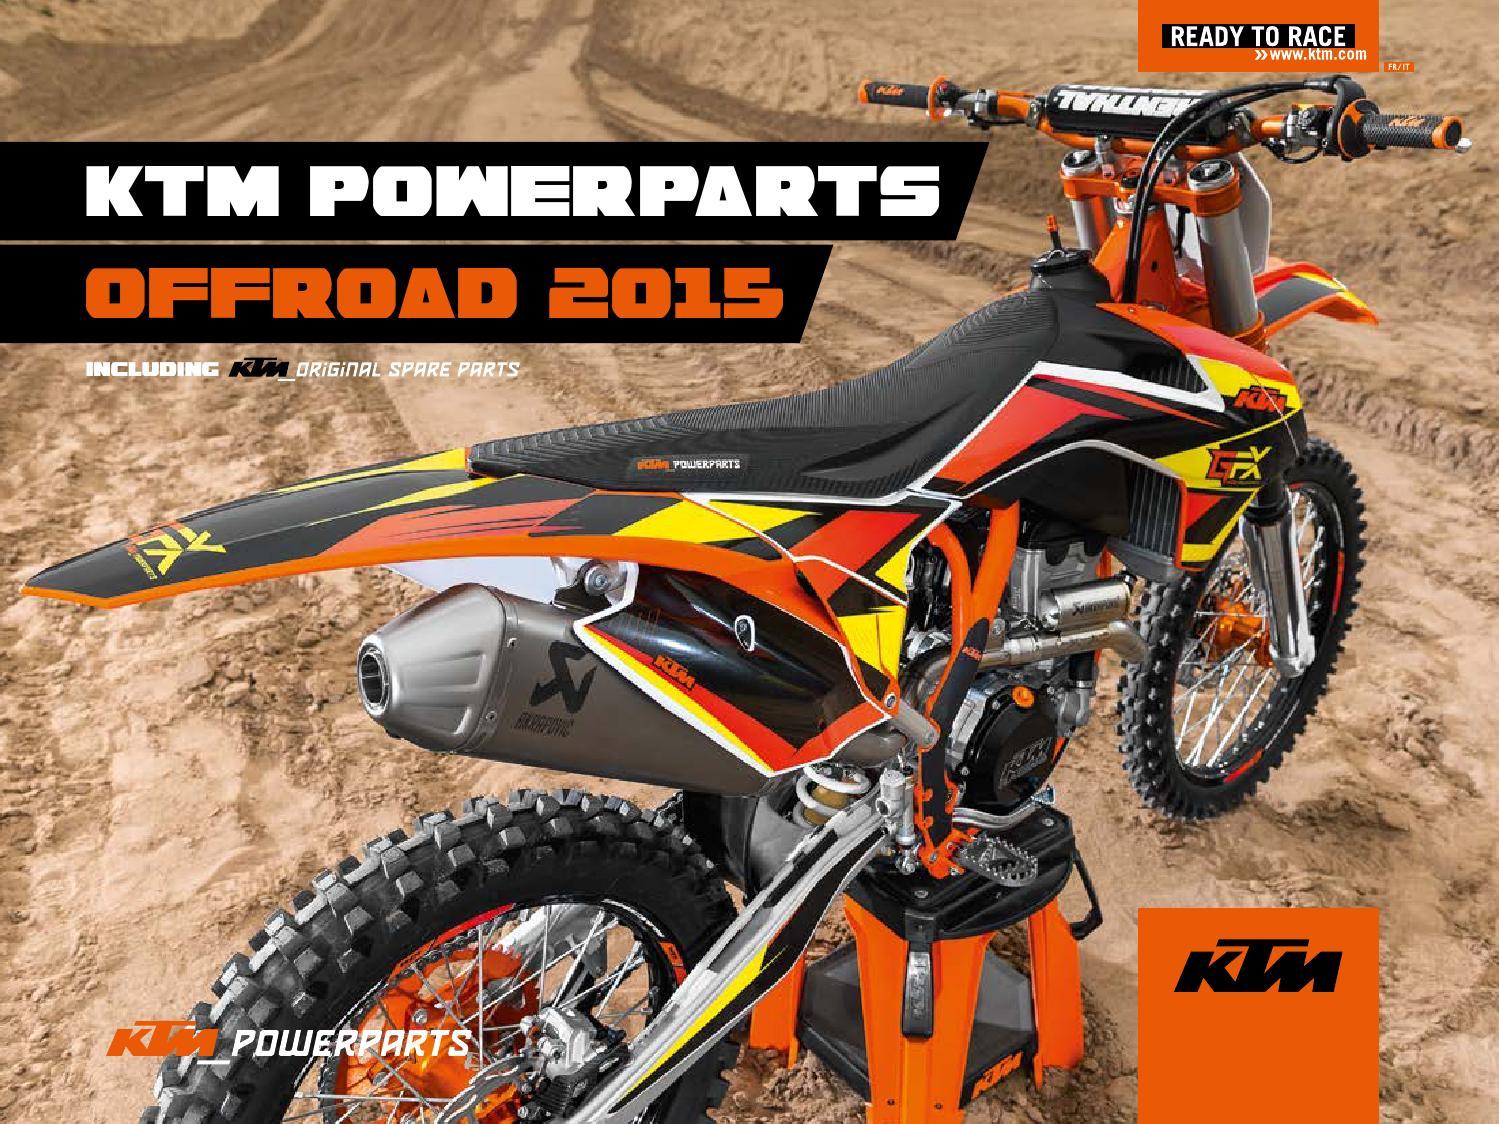 2x 30mm-43mm Forcella Supporto Moto Motocicletta Indicatore e Proiettori Riposizionamento Supporti Universale Nero